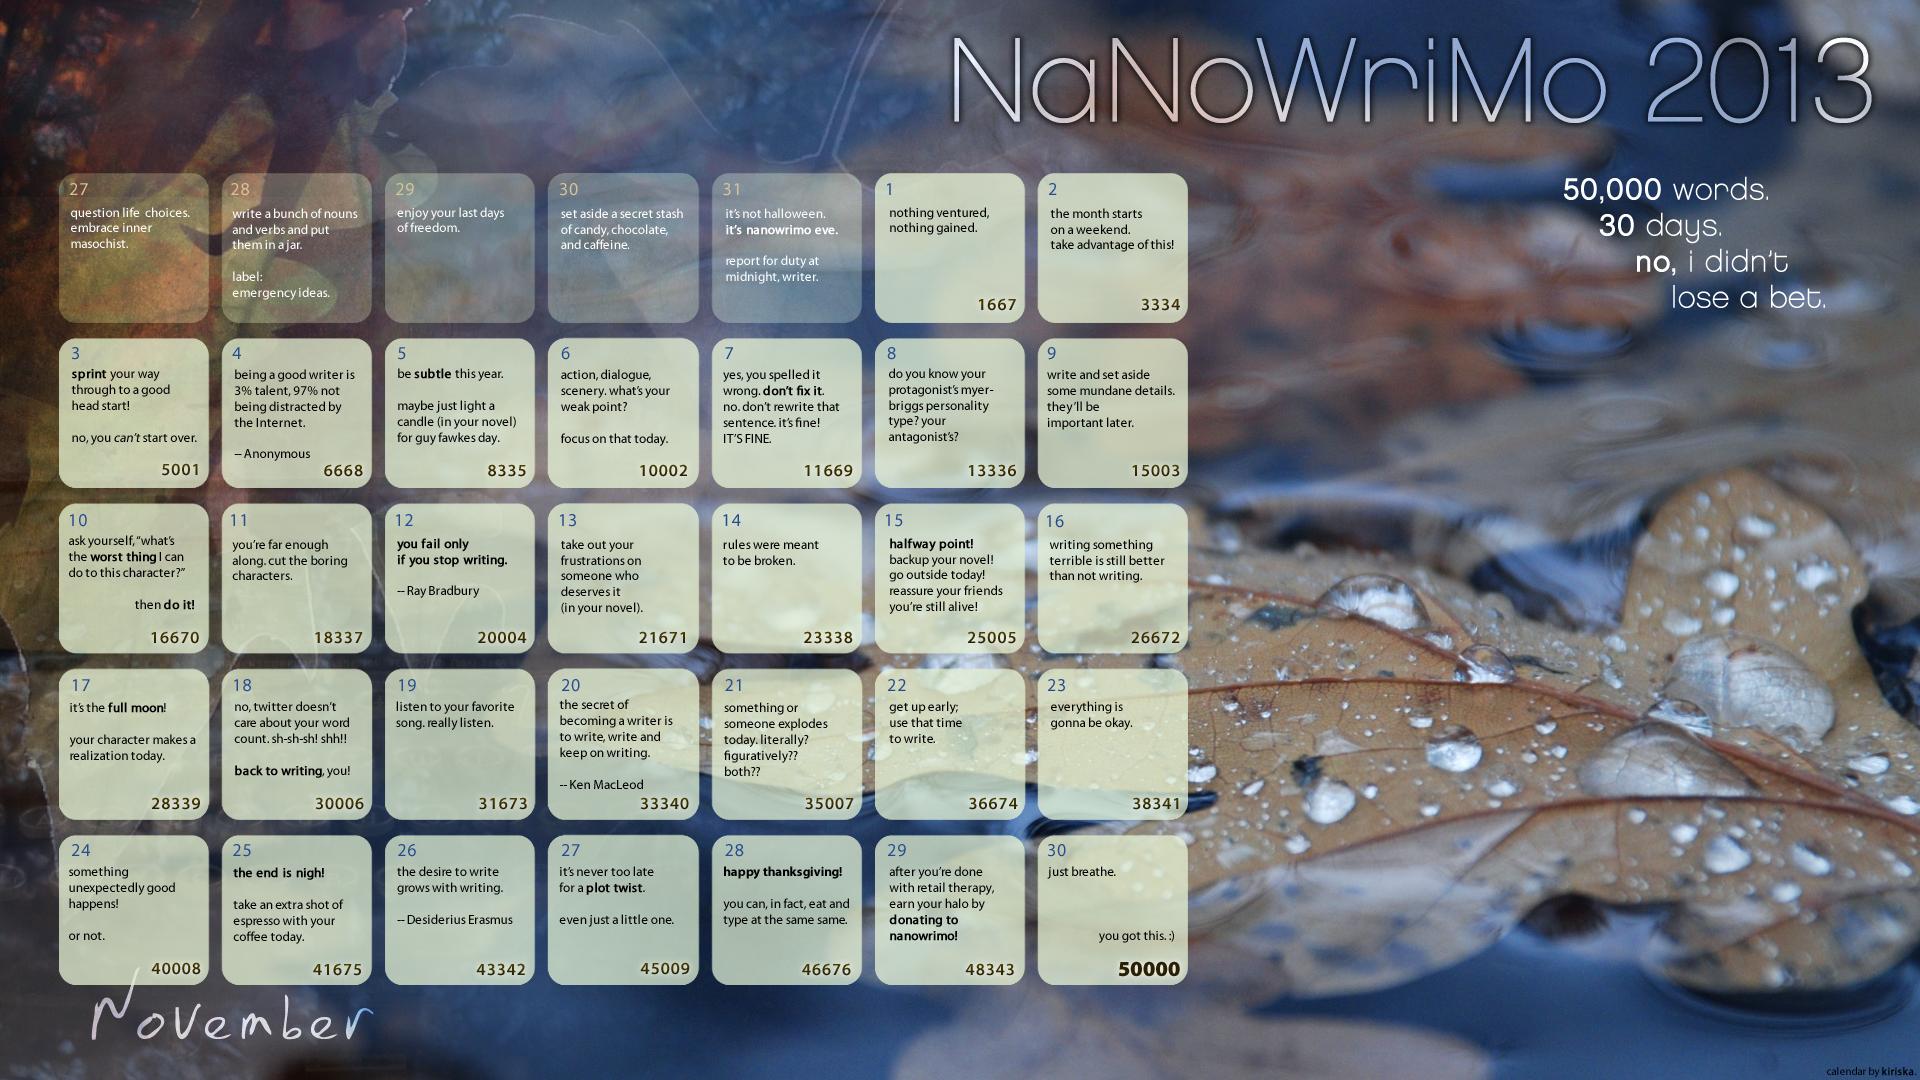 NaNoWriMo 2013 Calendar by Kiriska